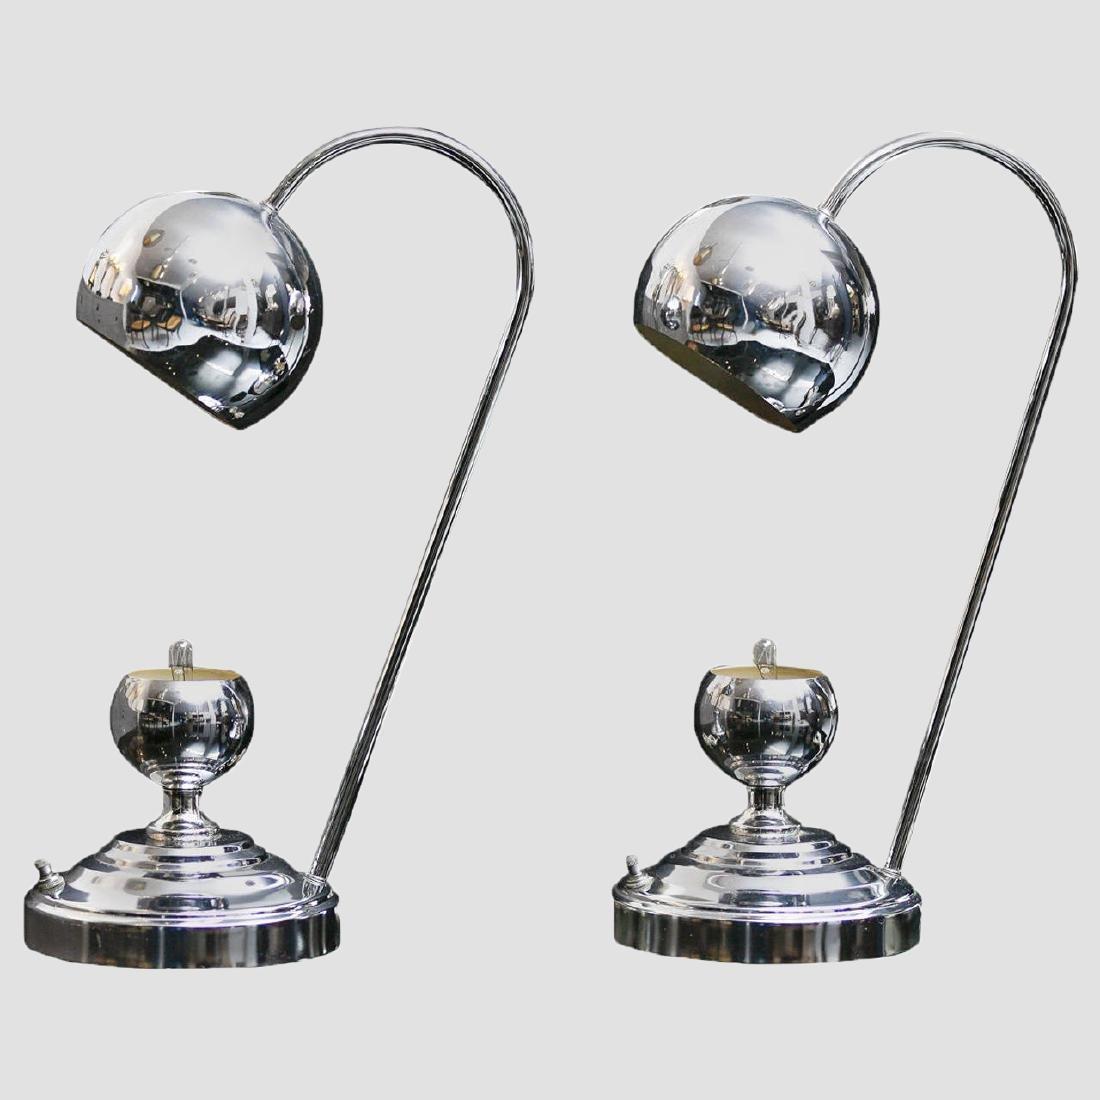 Chrome Desk Lamps